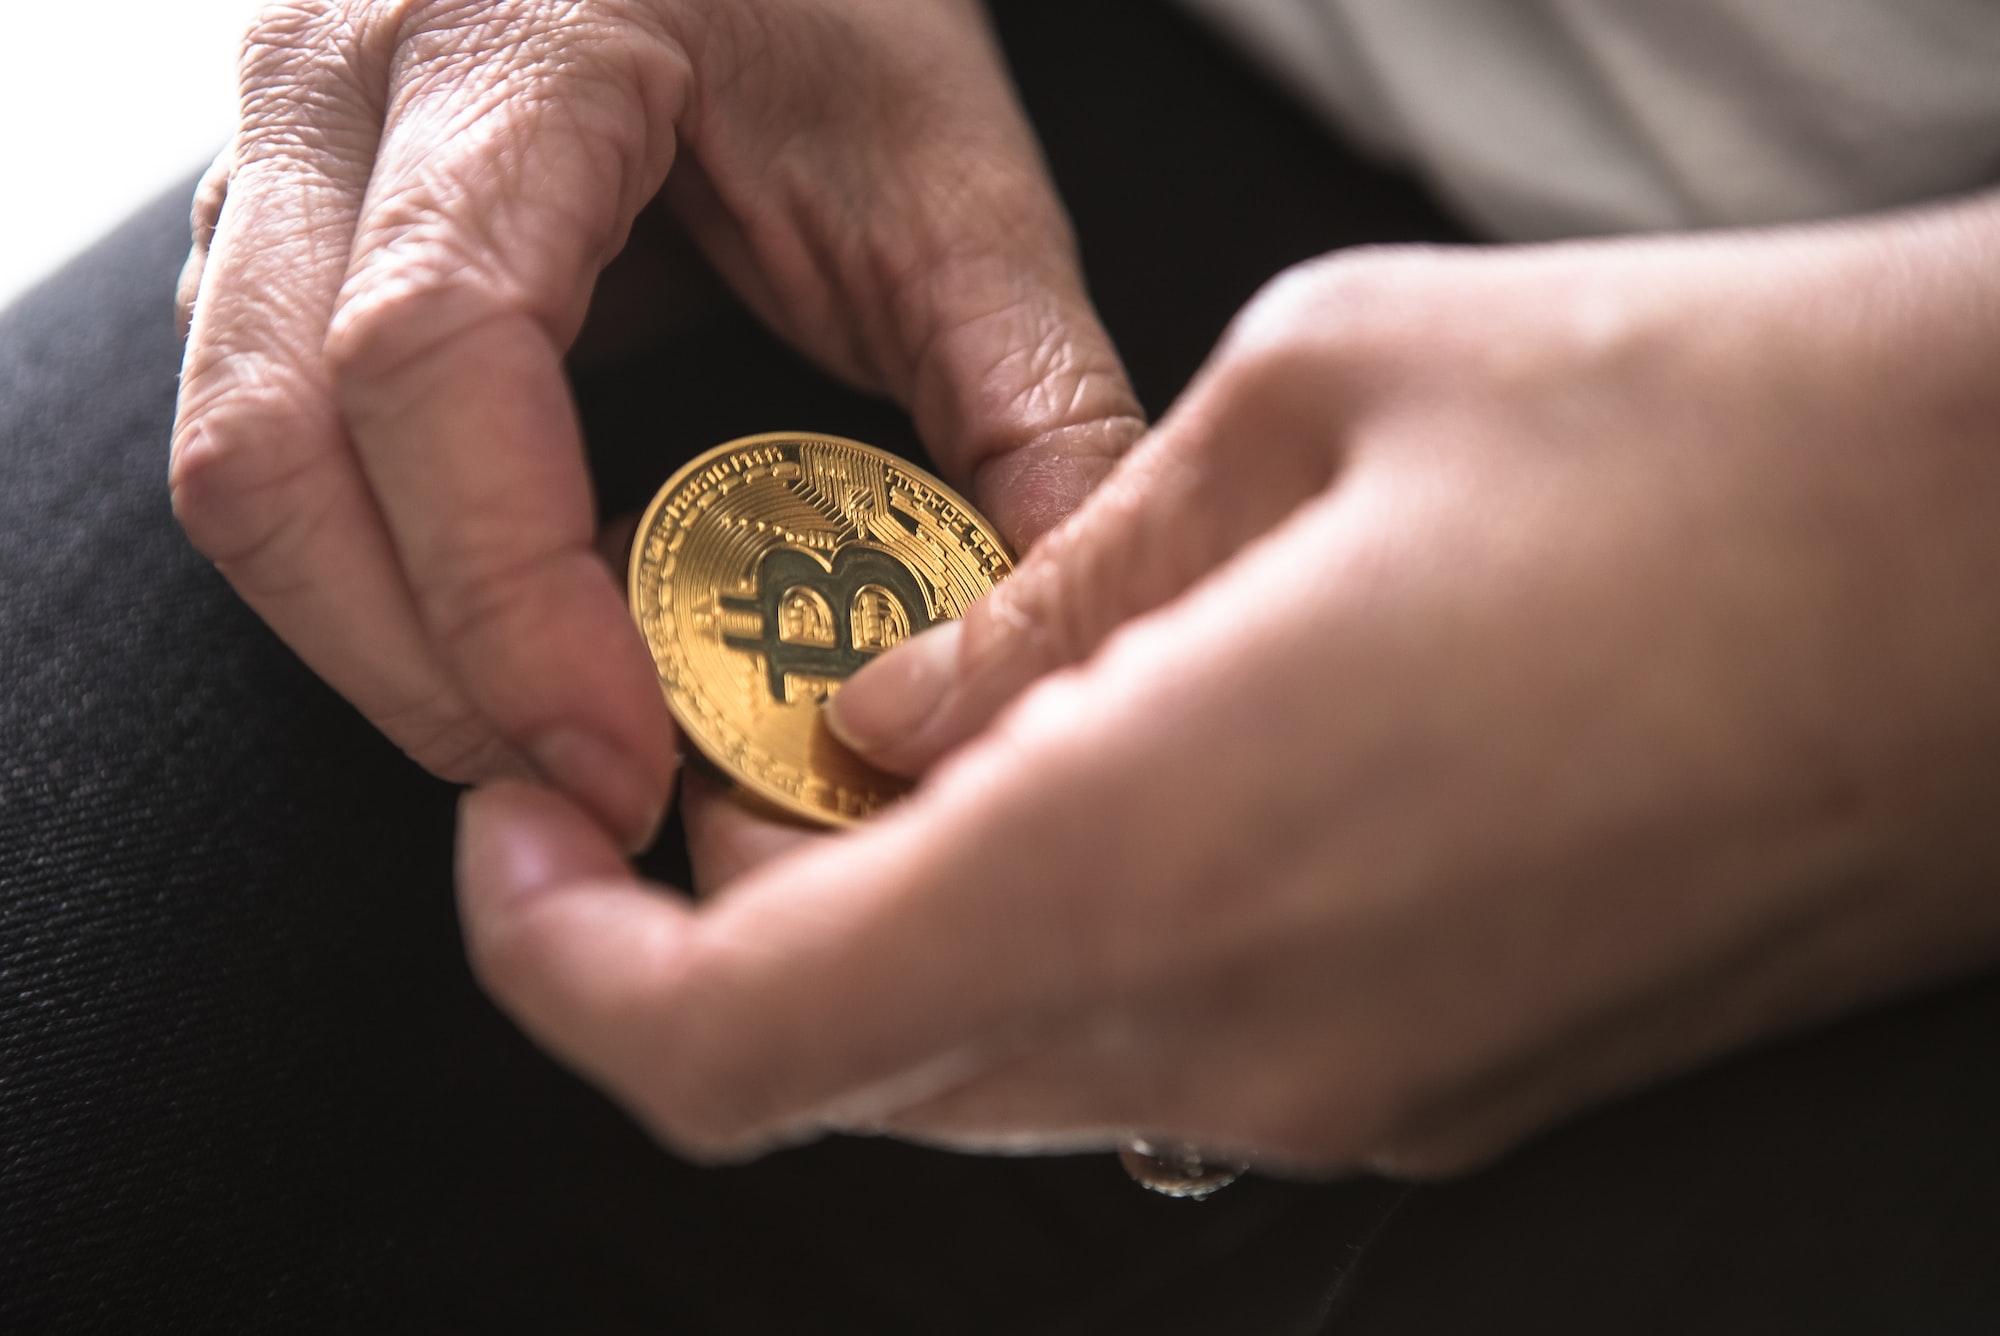 ผู้คนมากมายกำลังหันมาสนใจ Bitcoin